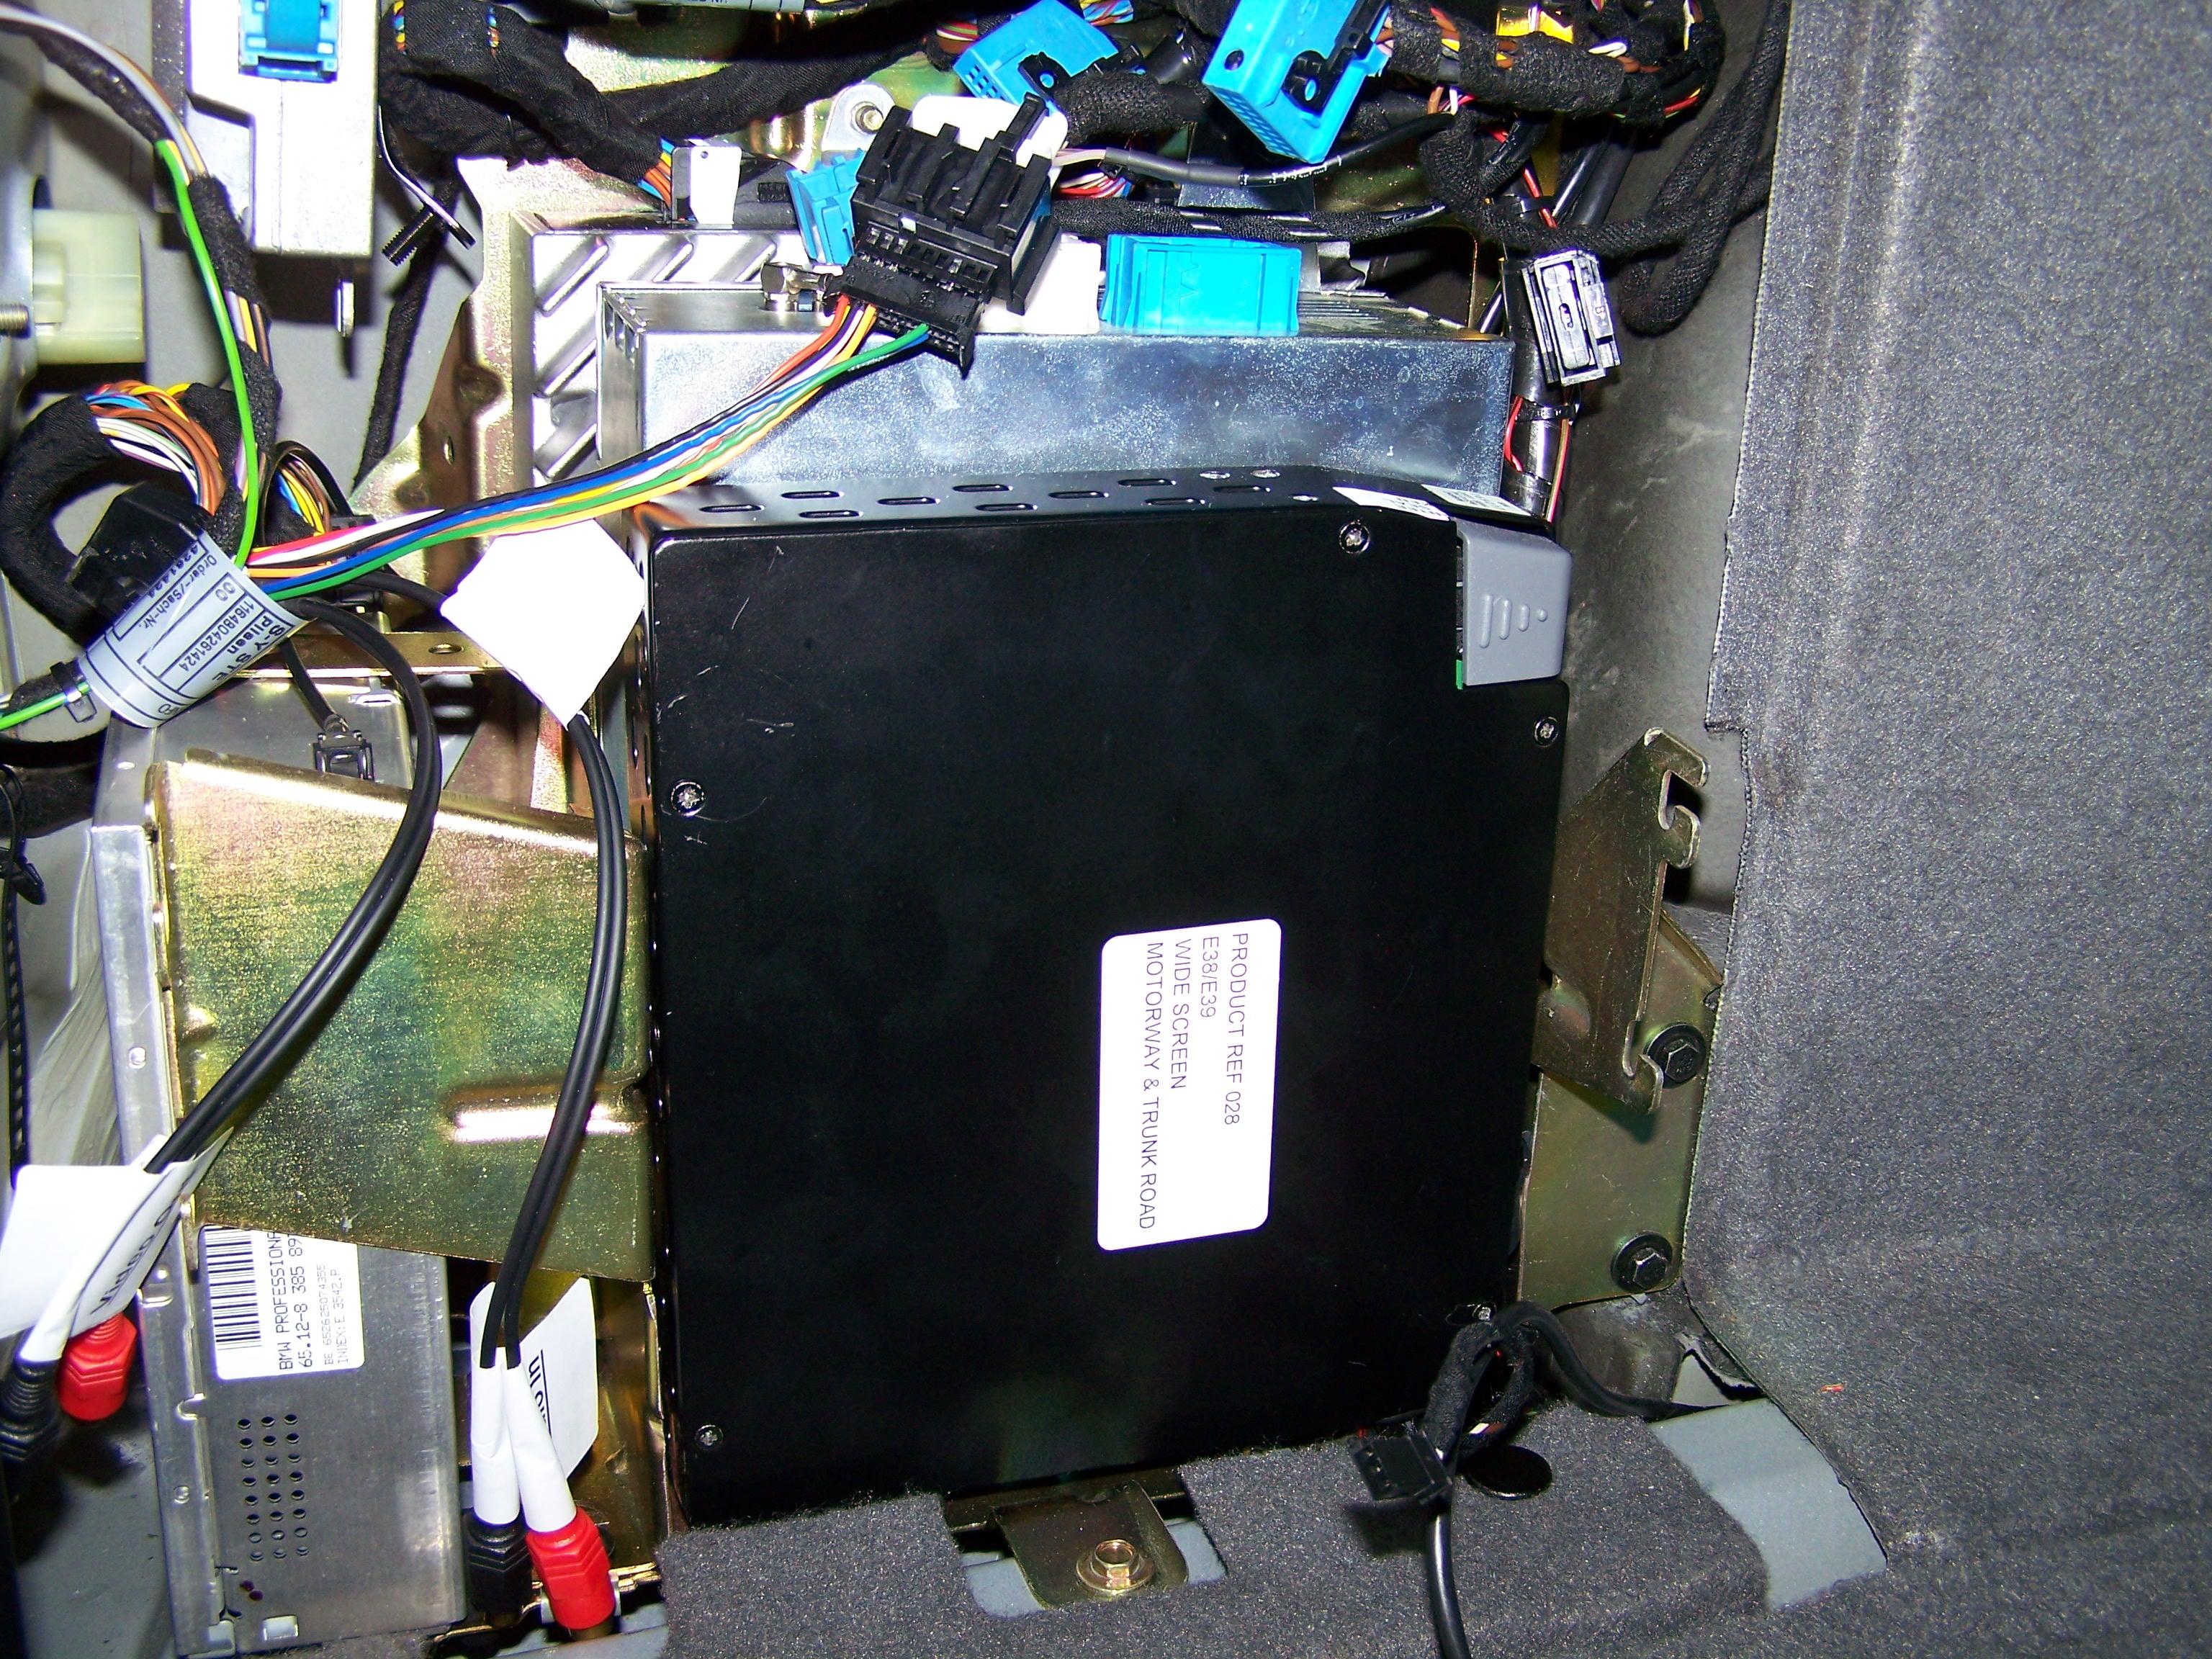 smartnav wiring diagram wiring diagram and schematic smartnav rtk test gnss drotek